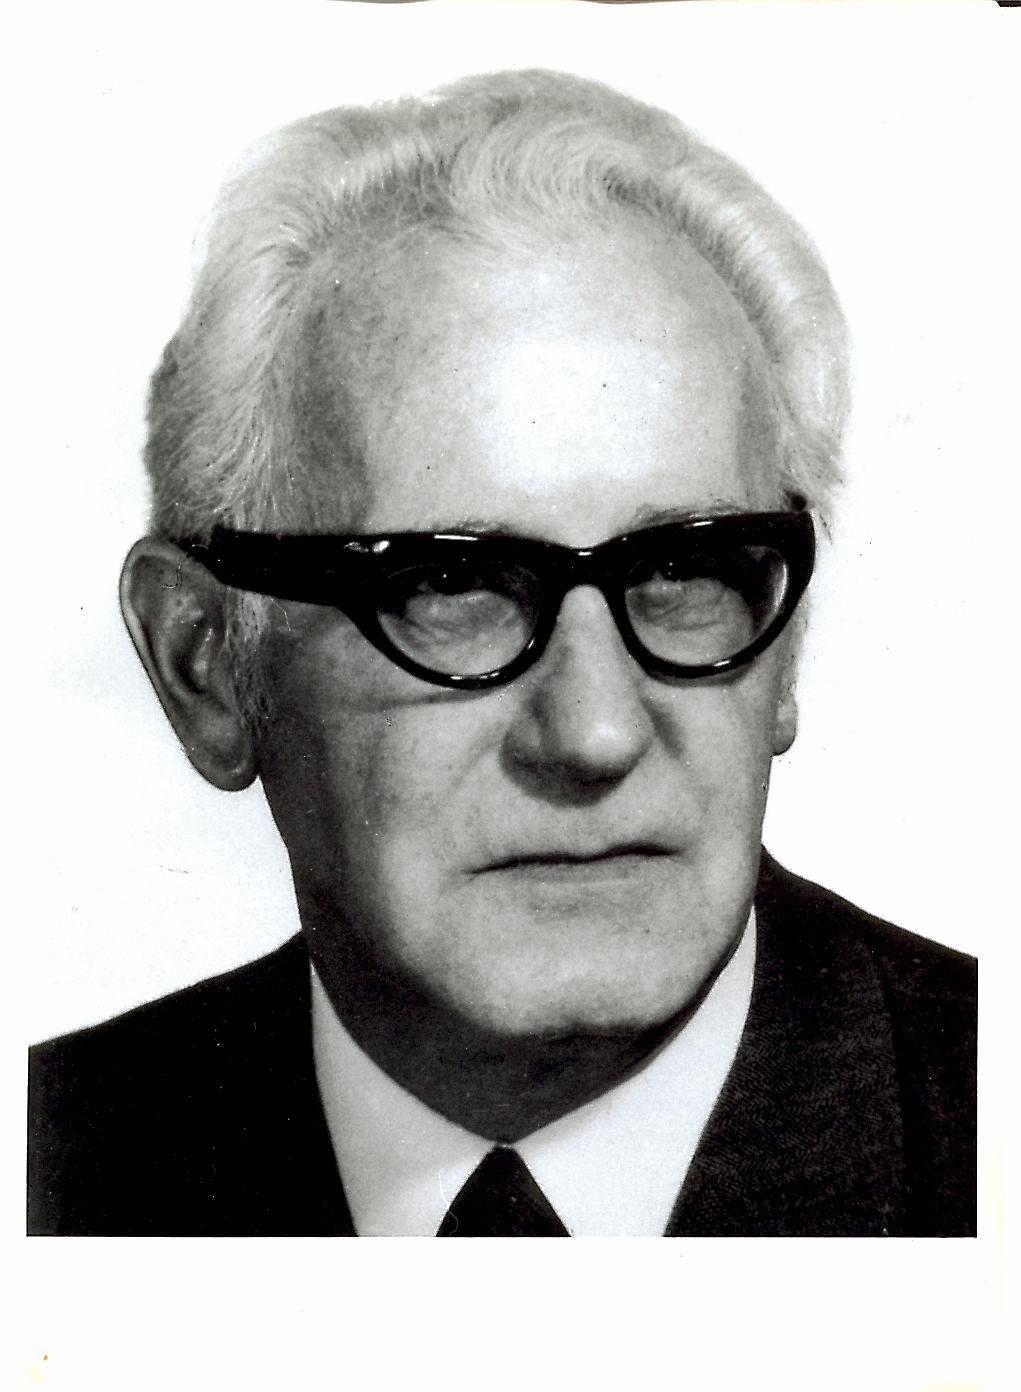 JUDr. Vladimír Lindner (1911 - 1984)